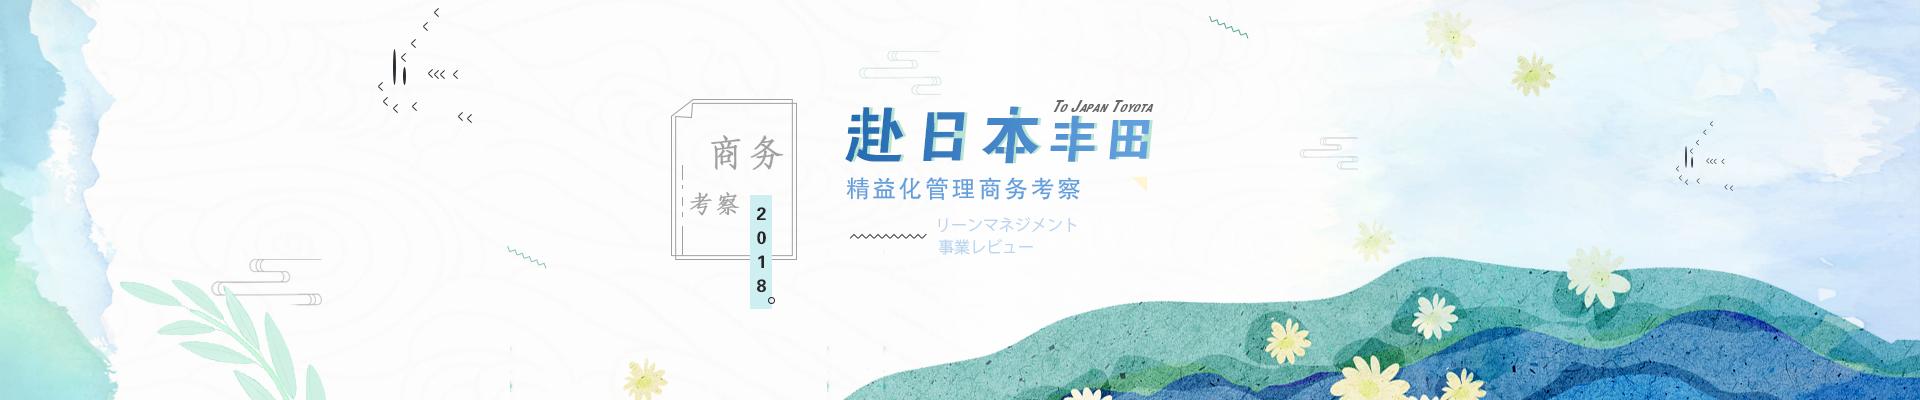 2018年赴日本丰田精益化管理商务考察